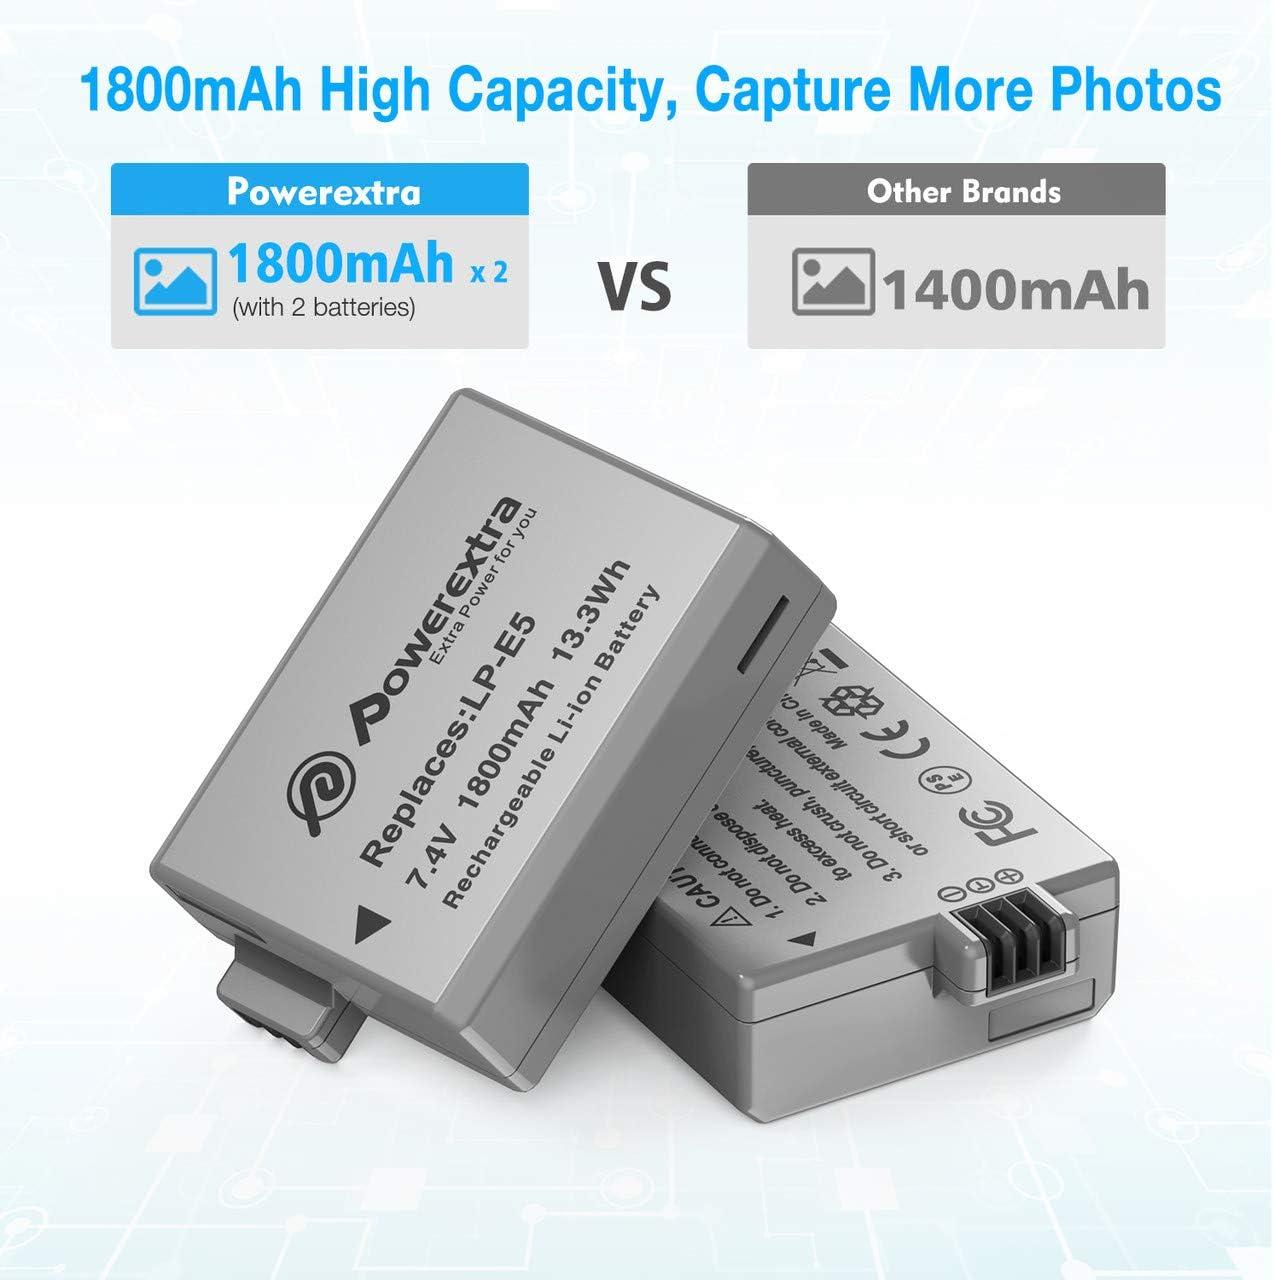 Amazon.com: Powerextra - Juego de 2 baterías de repuesto ...